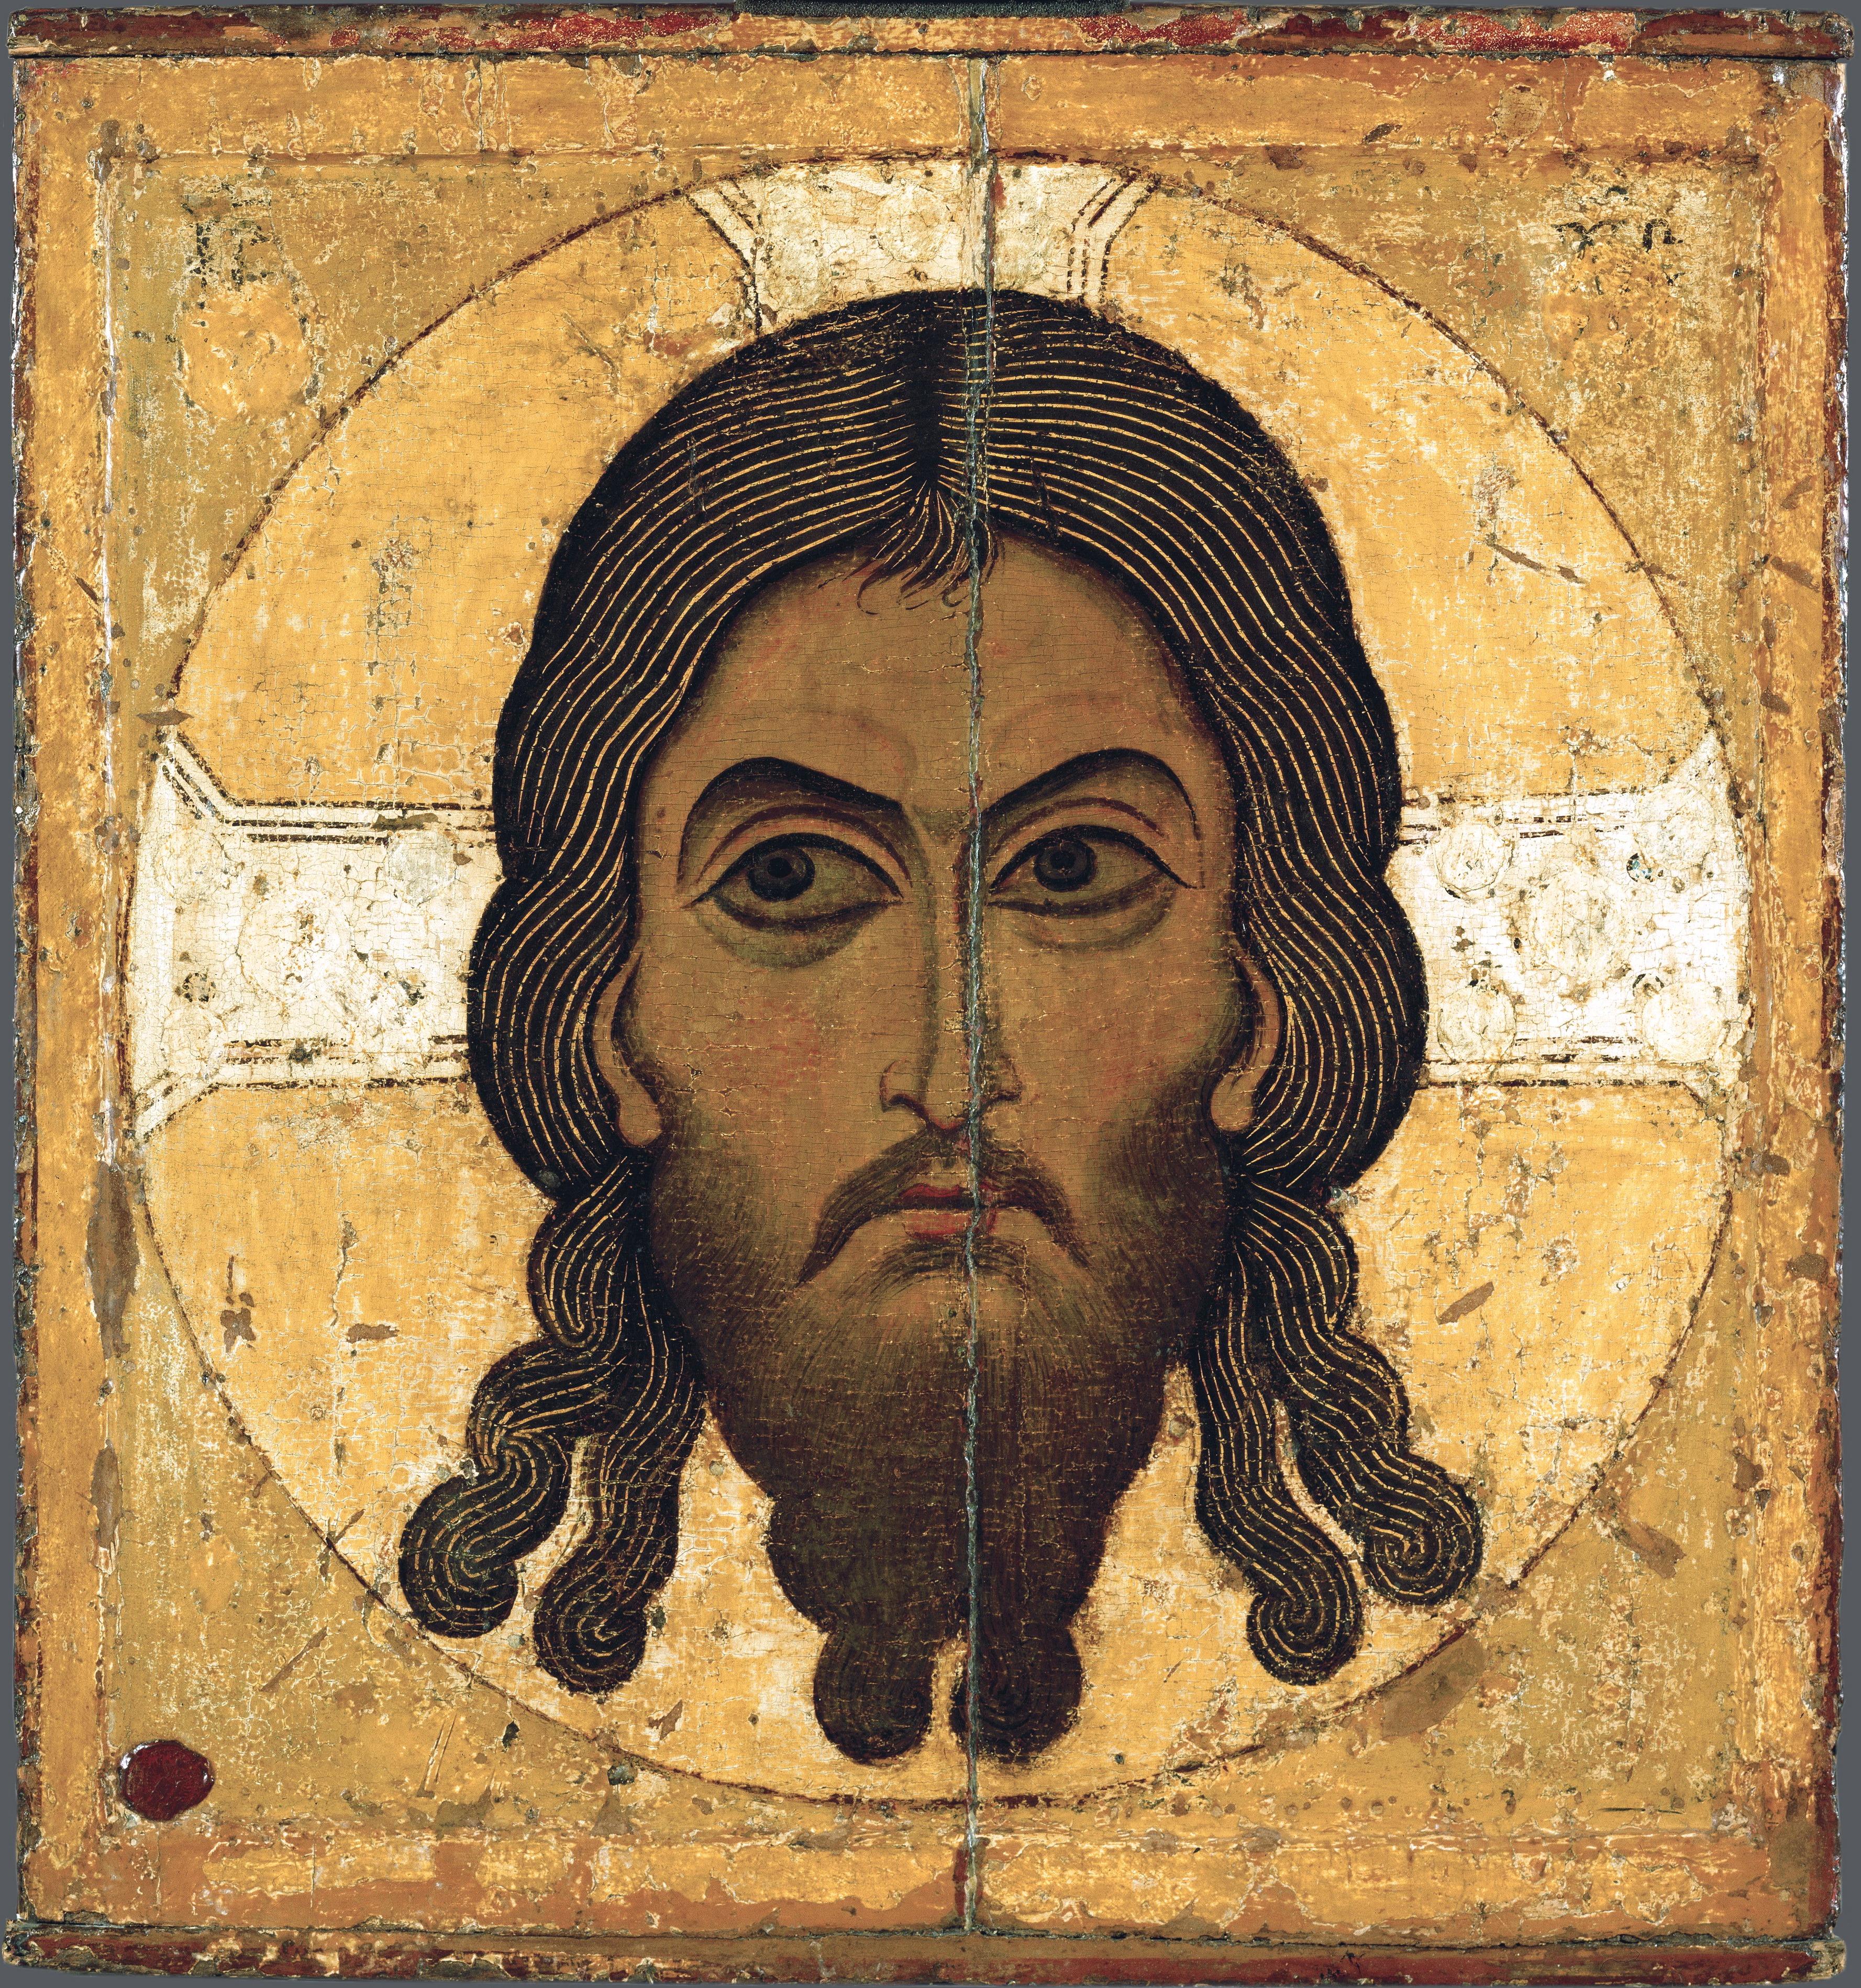 Спас Нерукотворный. Икона. Новгород, XII век. ГТГ.